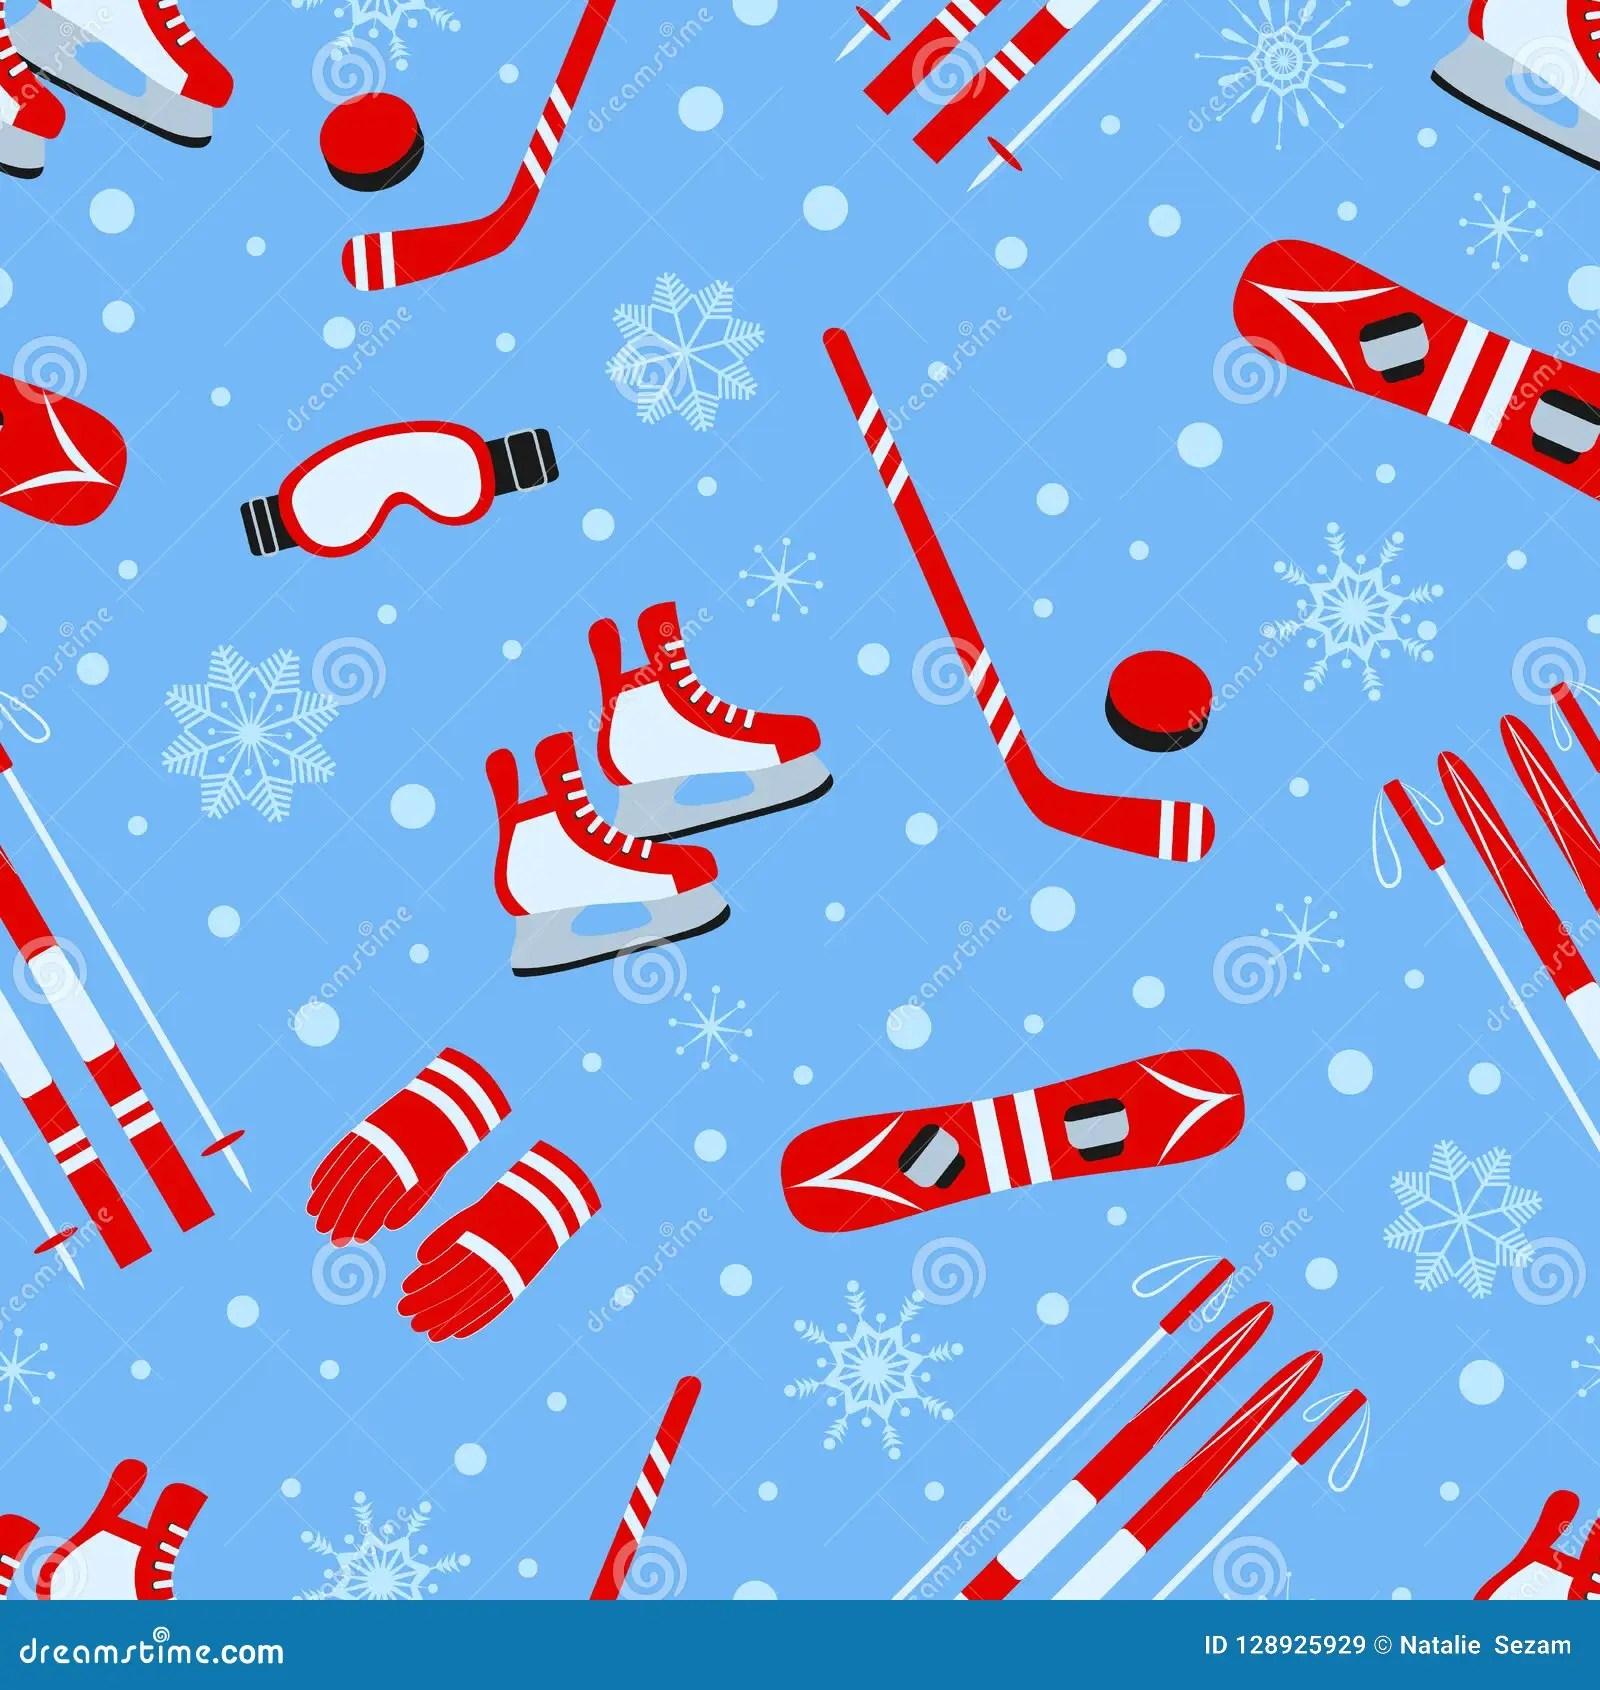 Winter Activities Seamless Pattern Vector Illustration